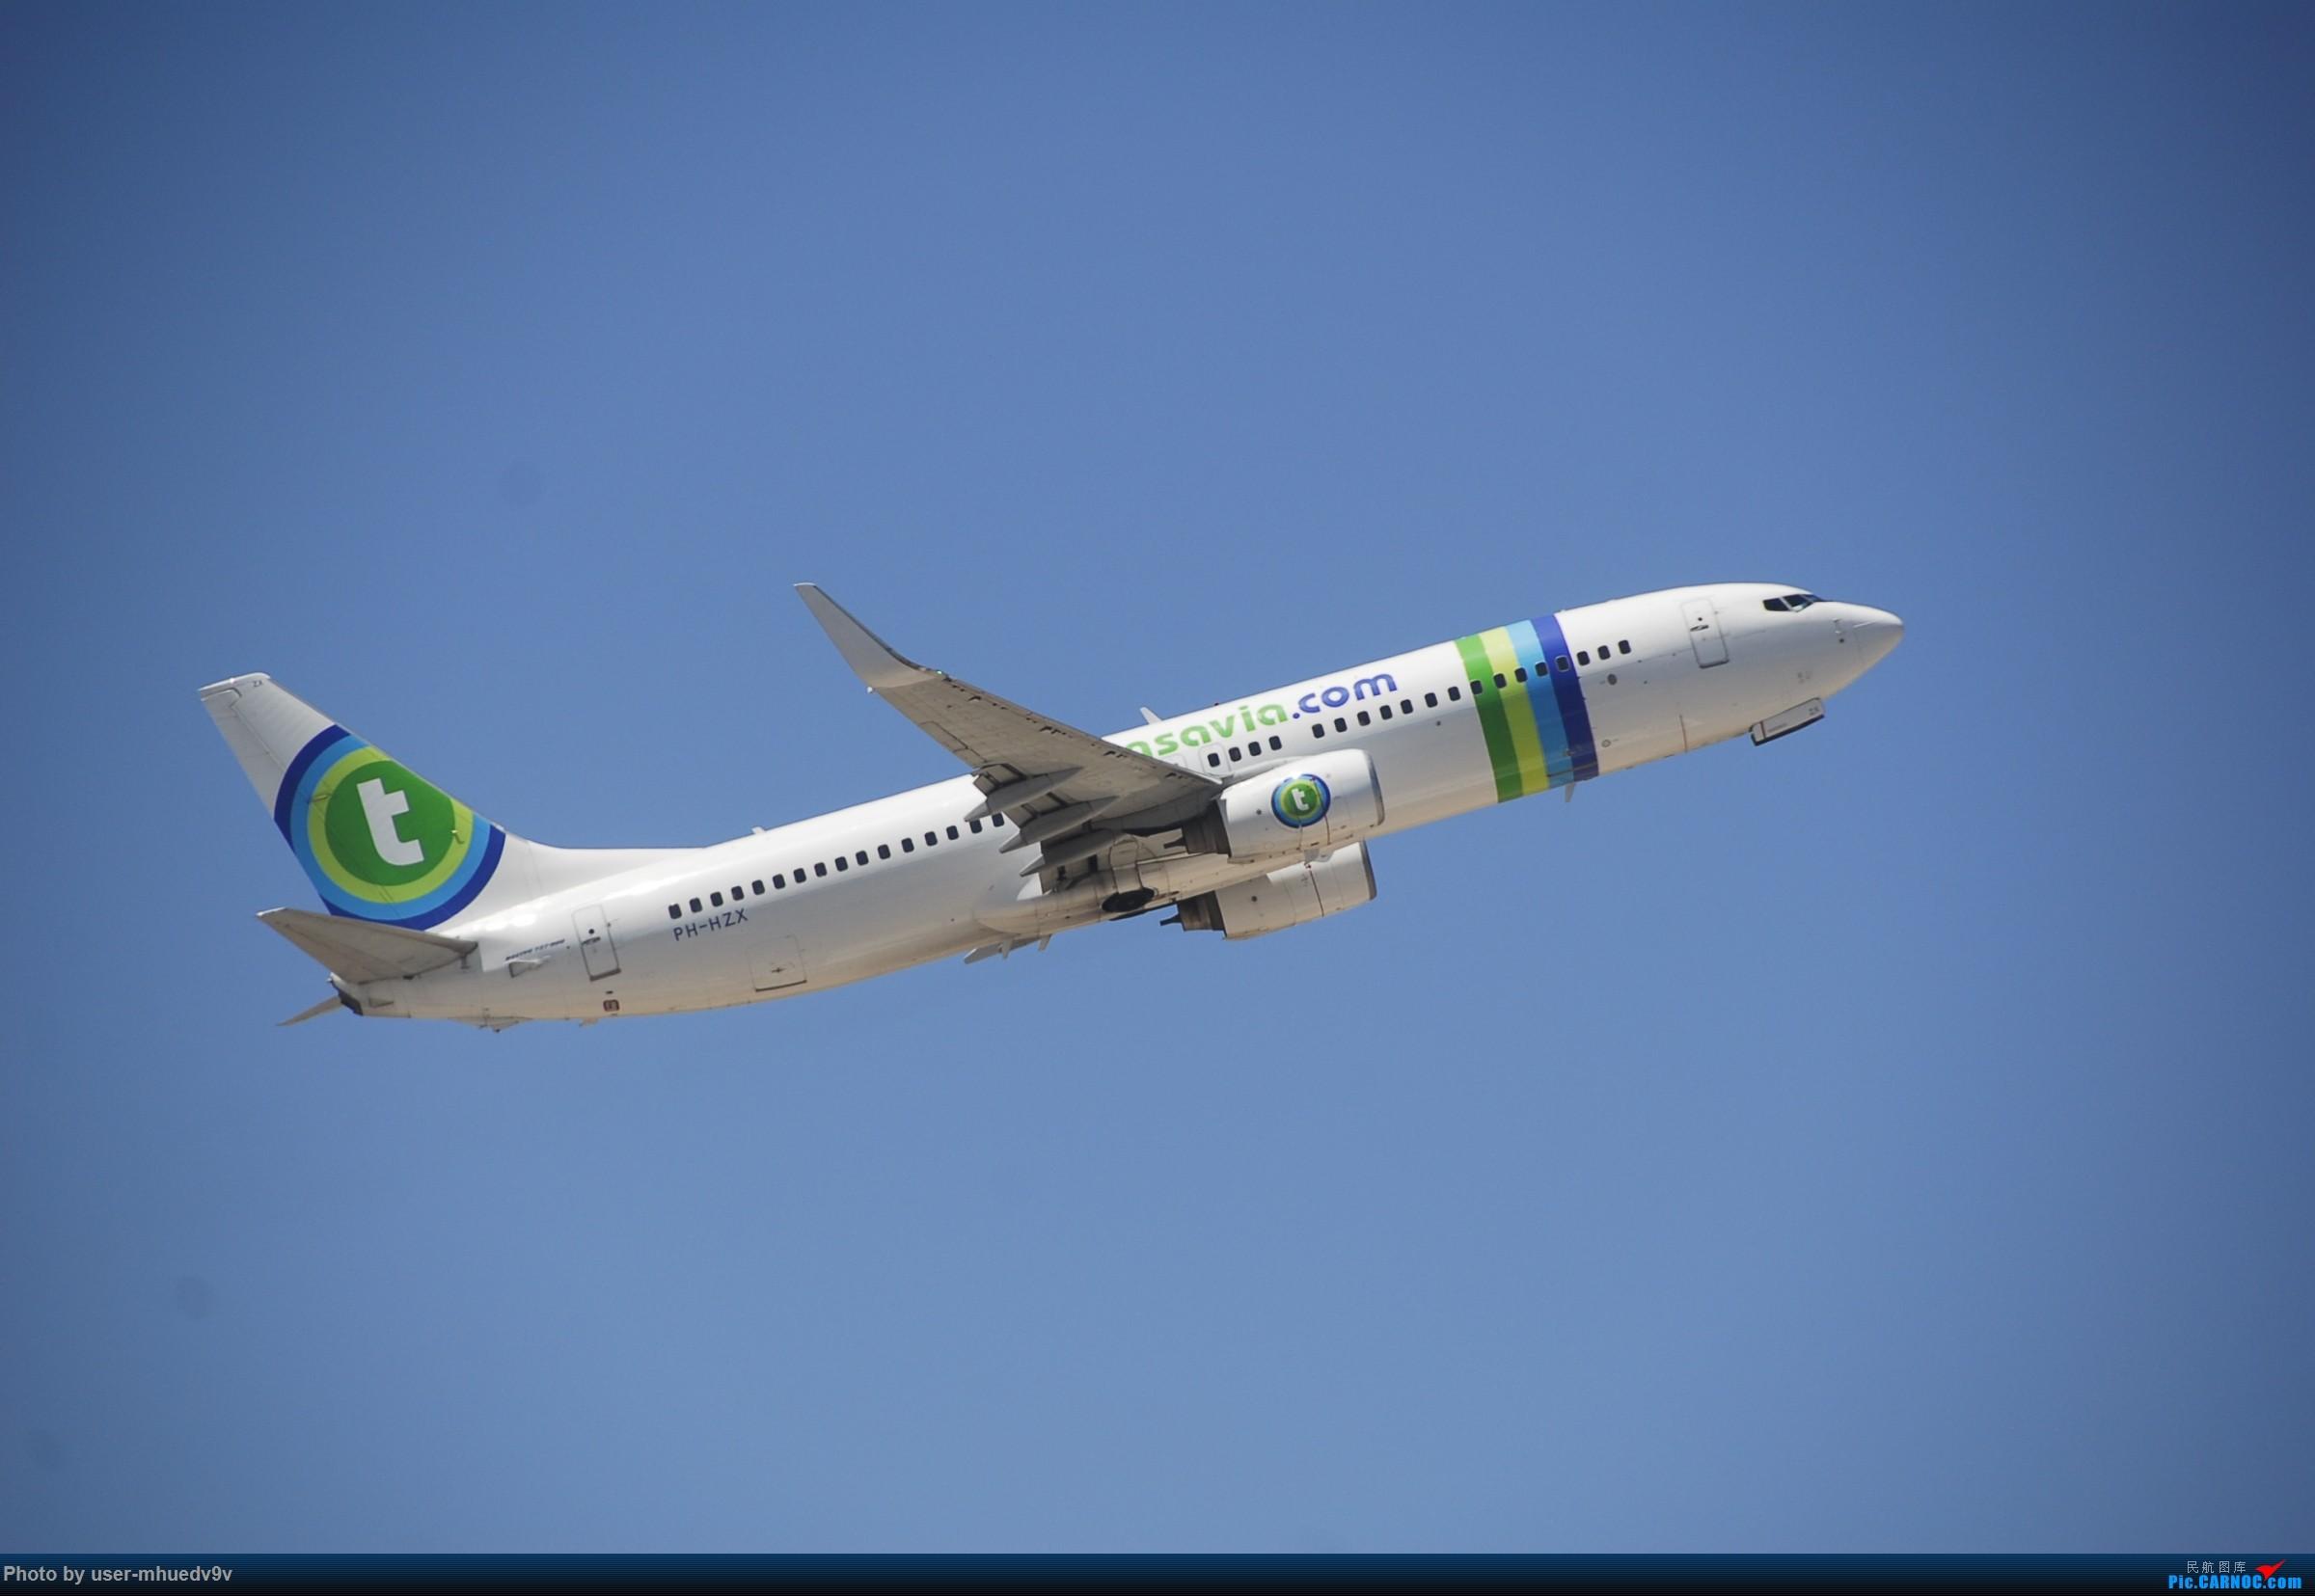 Re:[原创]暑假旅拍(旅途中拍机。。。) BOEING 737-800 PH-HZX 希腊圣托里尼机场